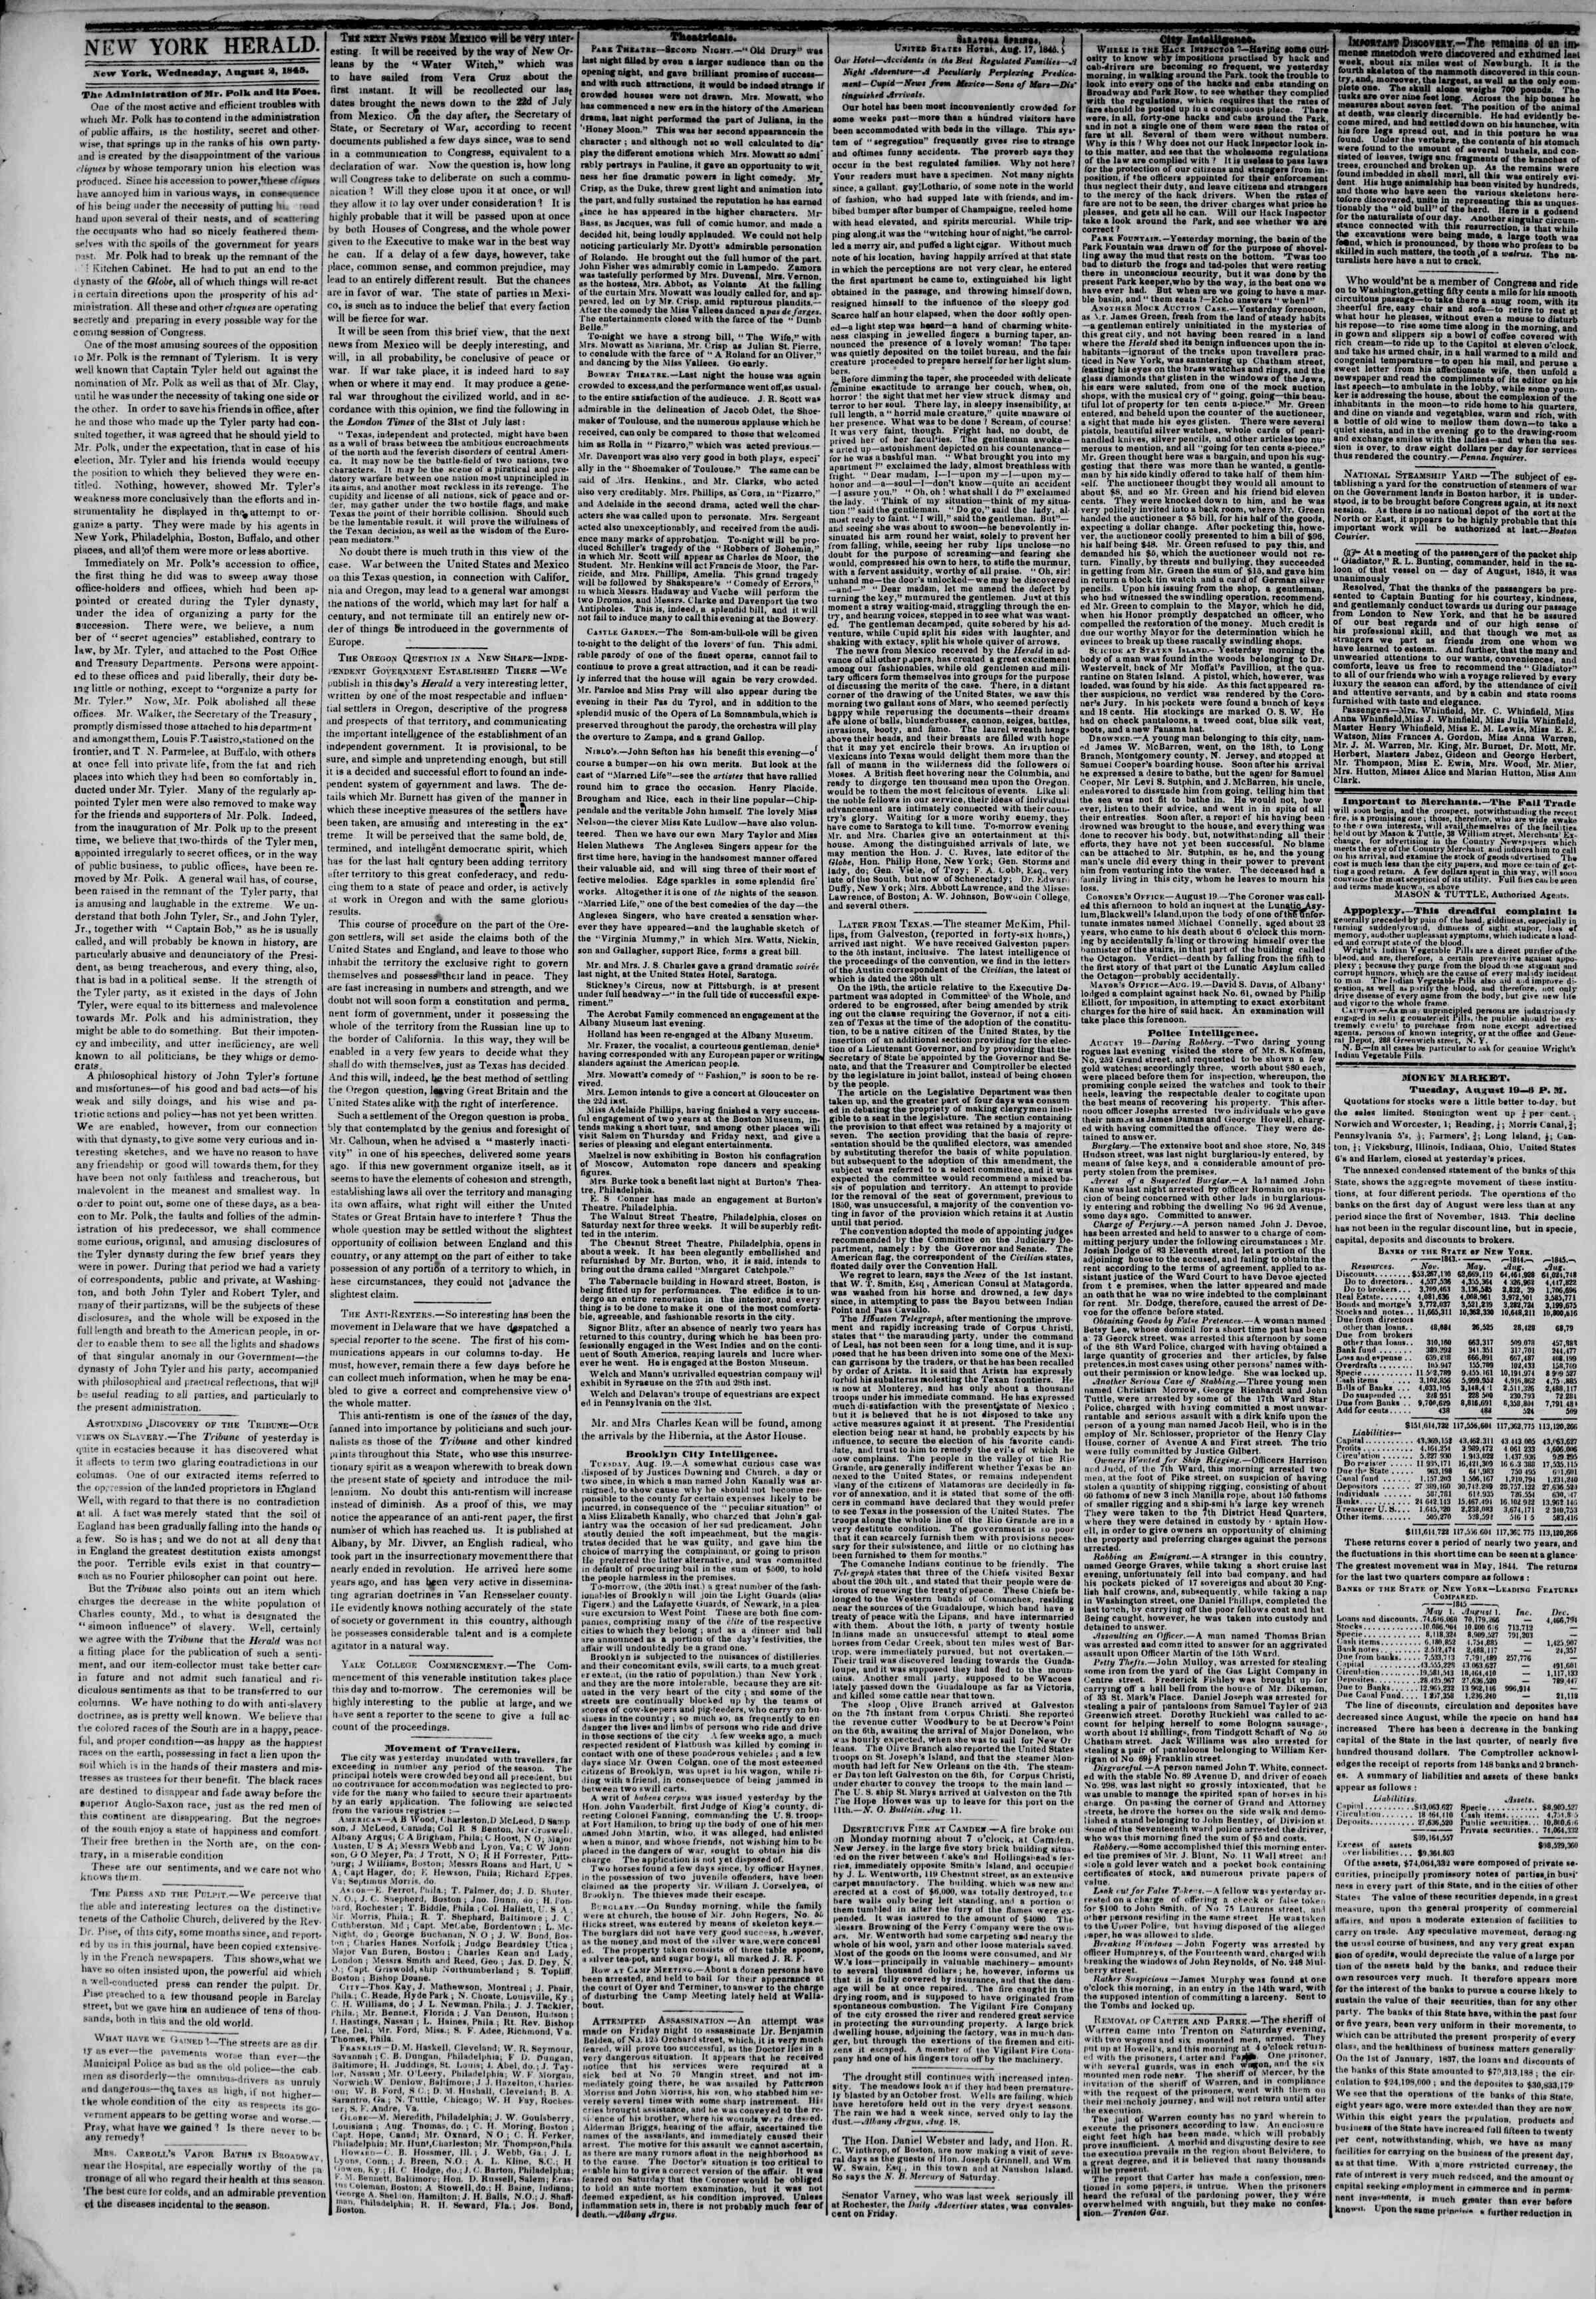 August 20, 1845 Tarihli The New York Herald Gazetesi Sayfa 2